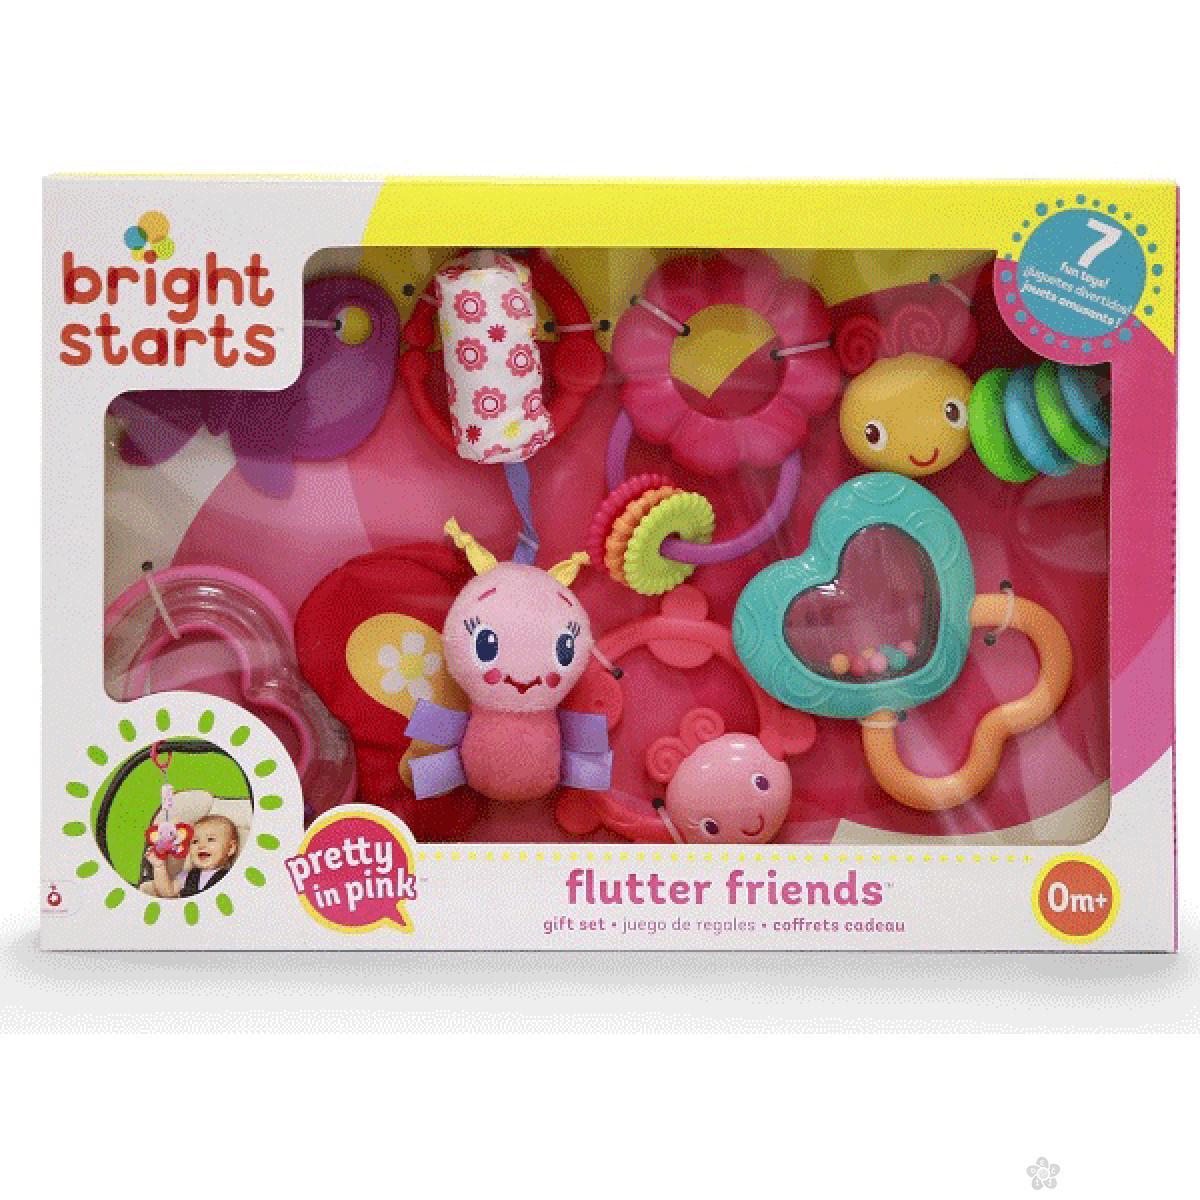 Poklon set za bebe Preaty in Pink Garden Giggles SKU52293